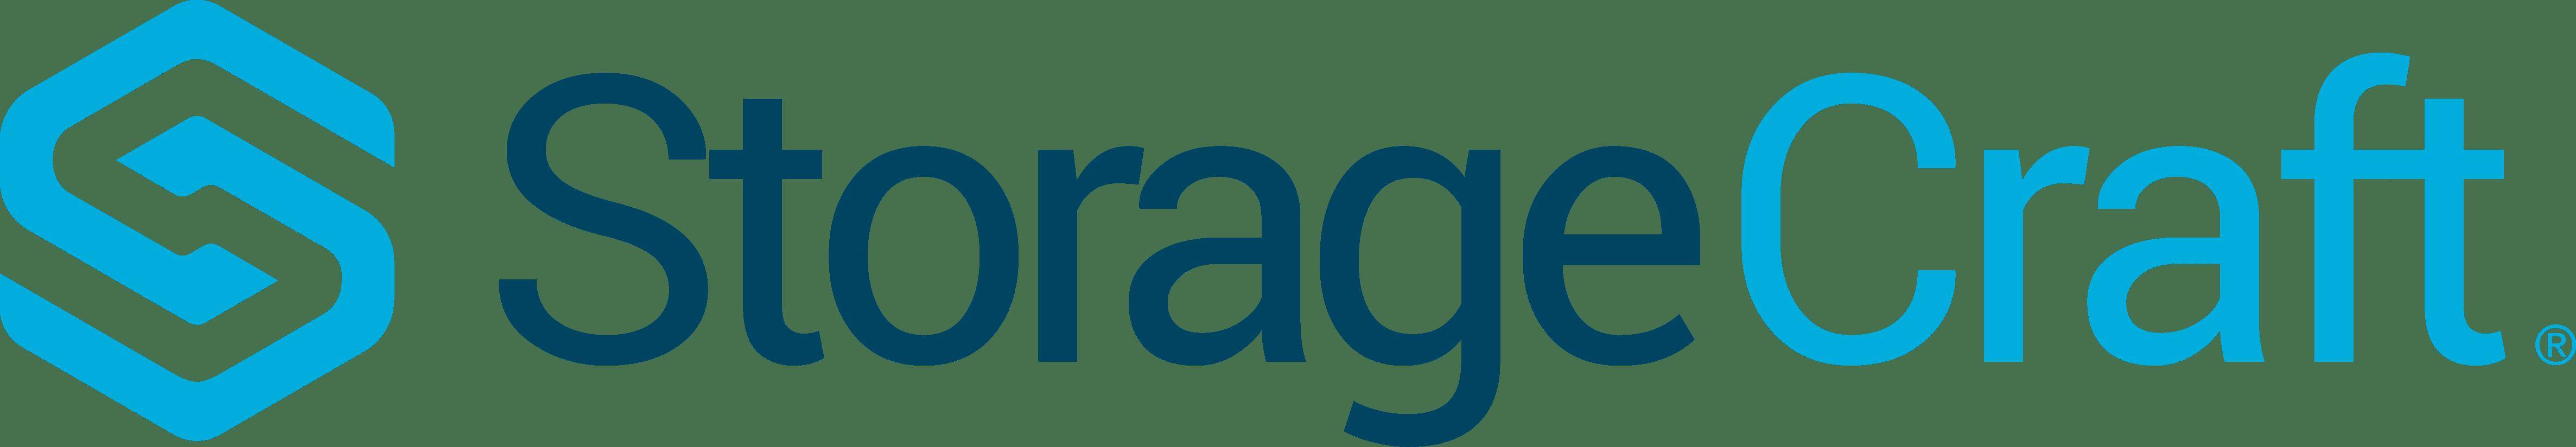 stroragecraft